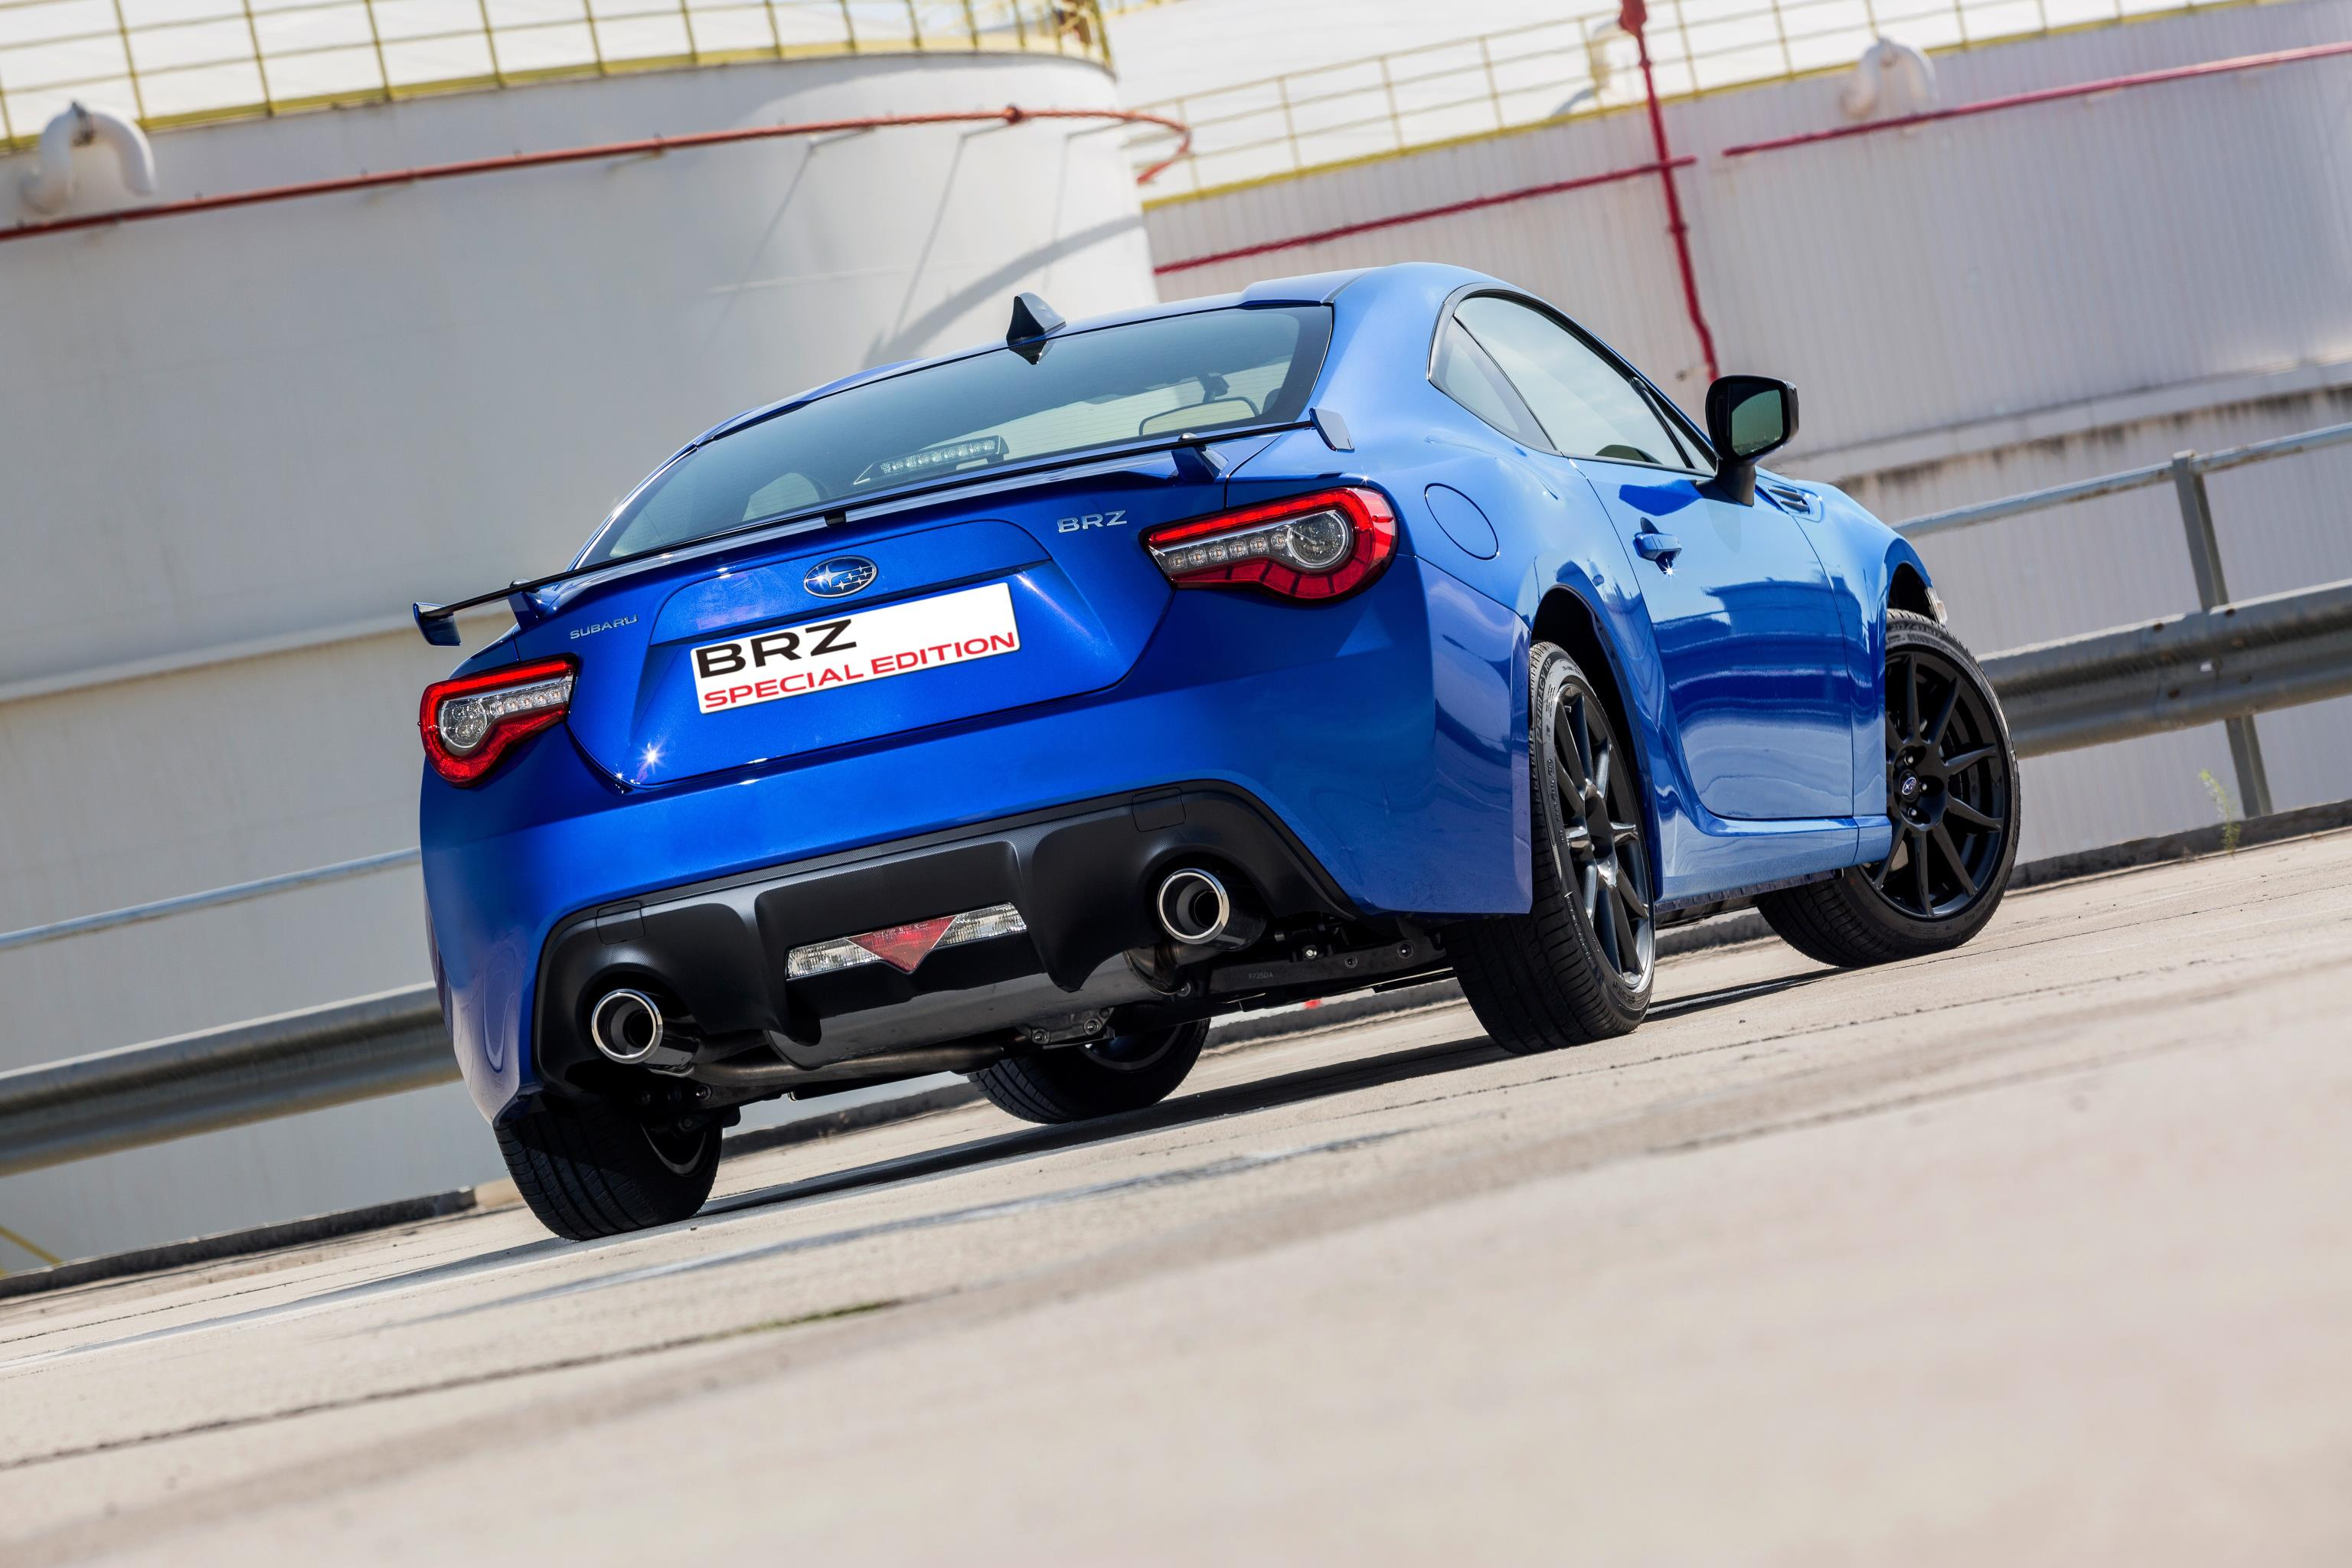 Subaru BRZ Special Edition